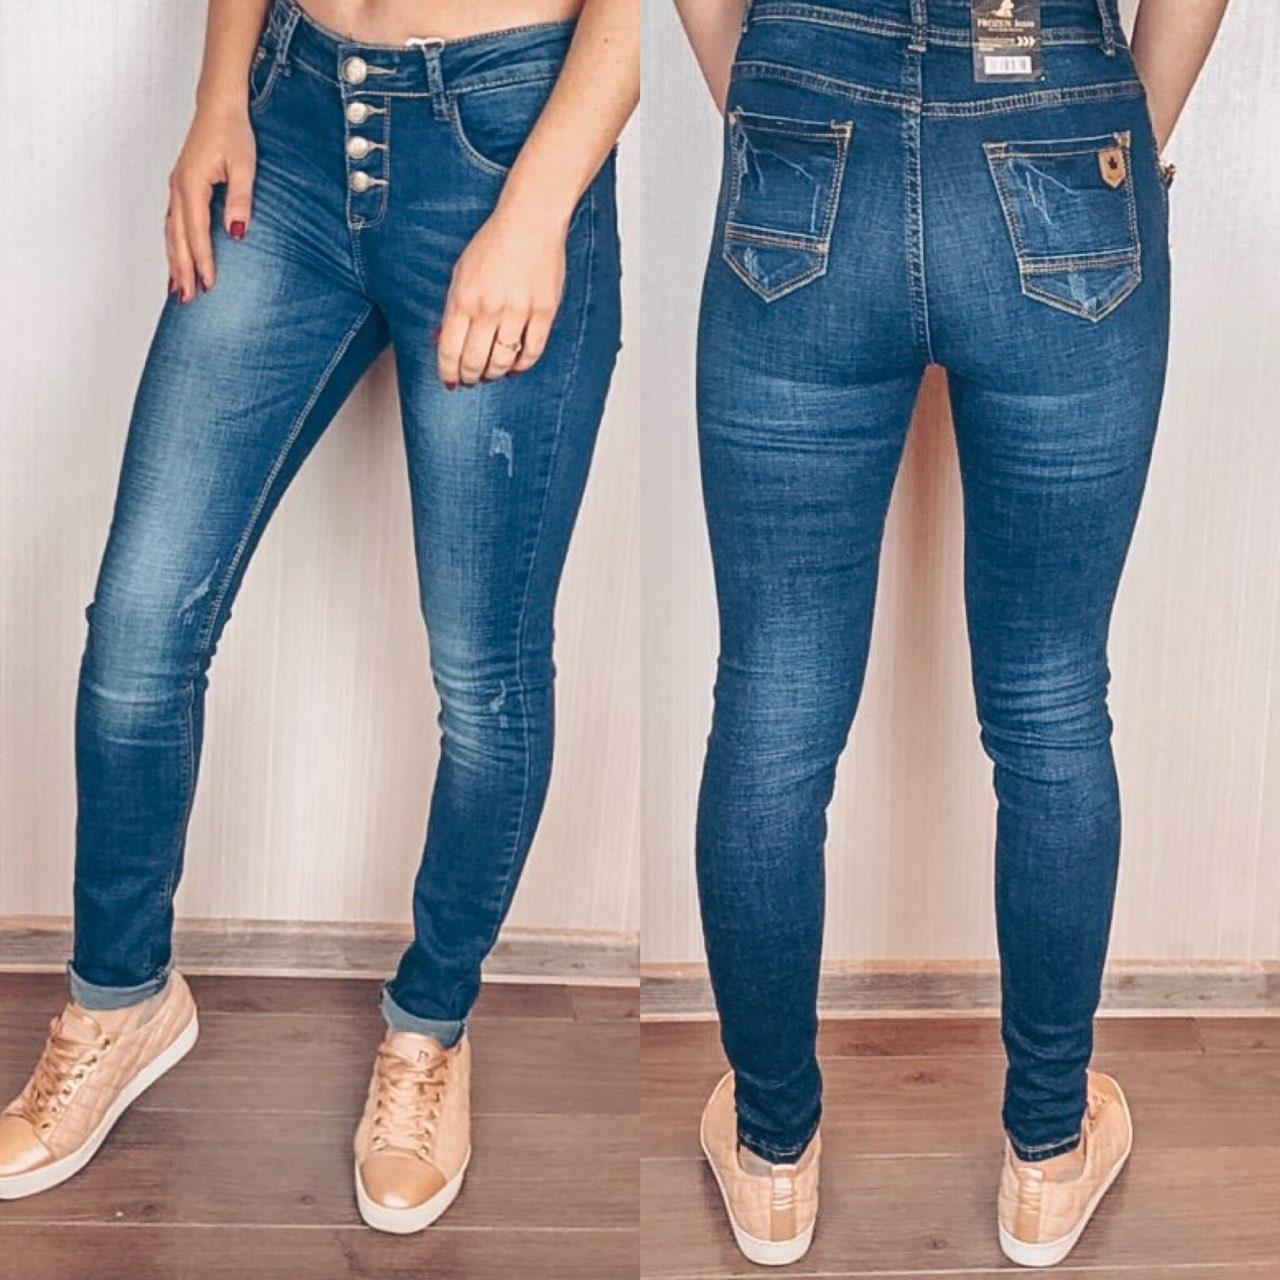 c5d9ba66fb8 Стильные женские молодежные джинсы Американки на пуговицах - bonny-style в  Днепре